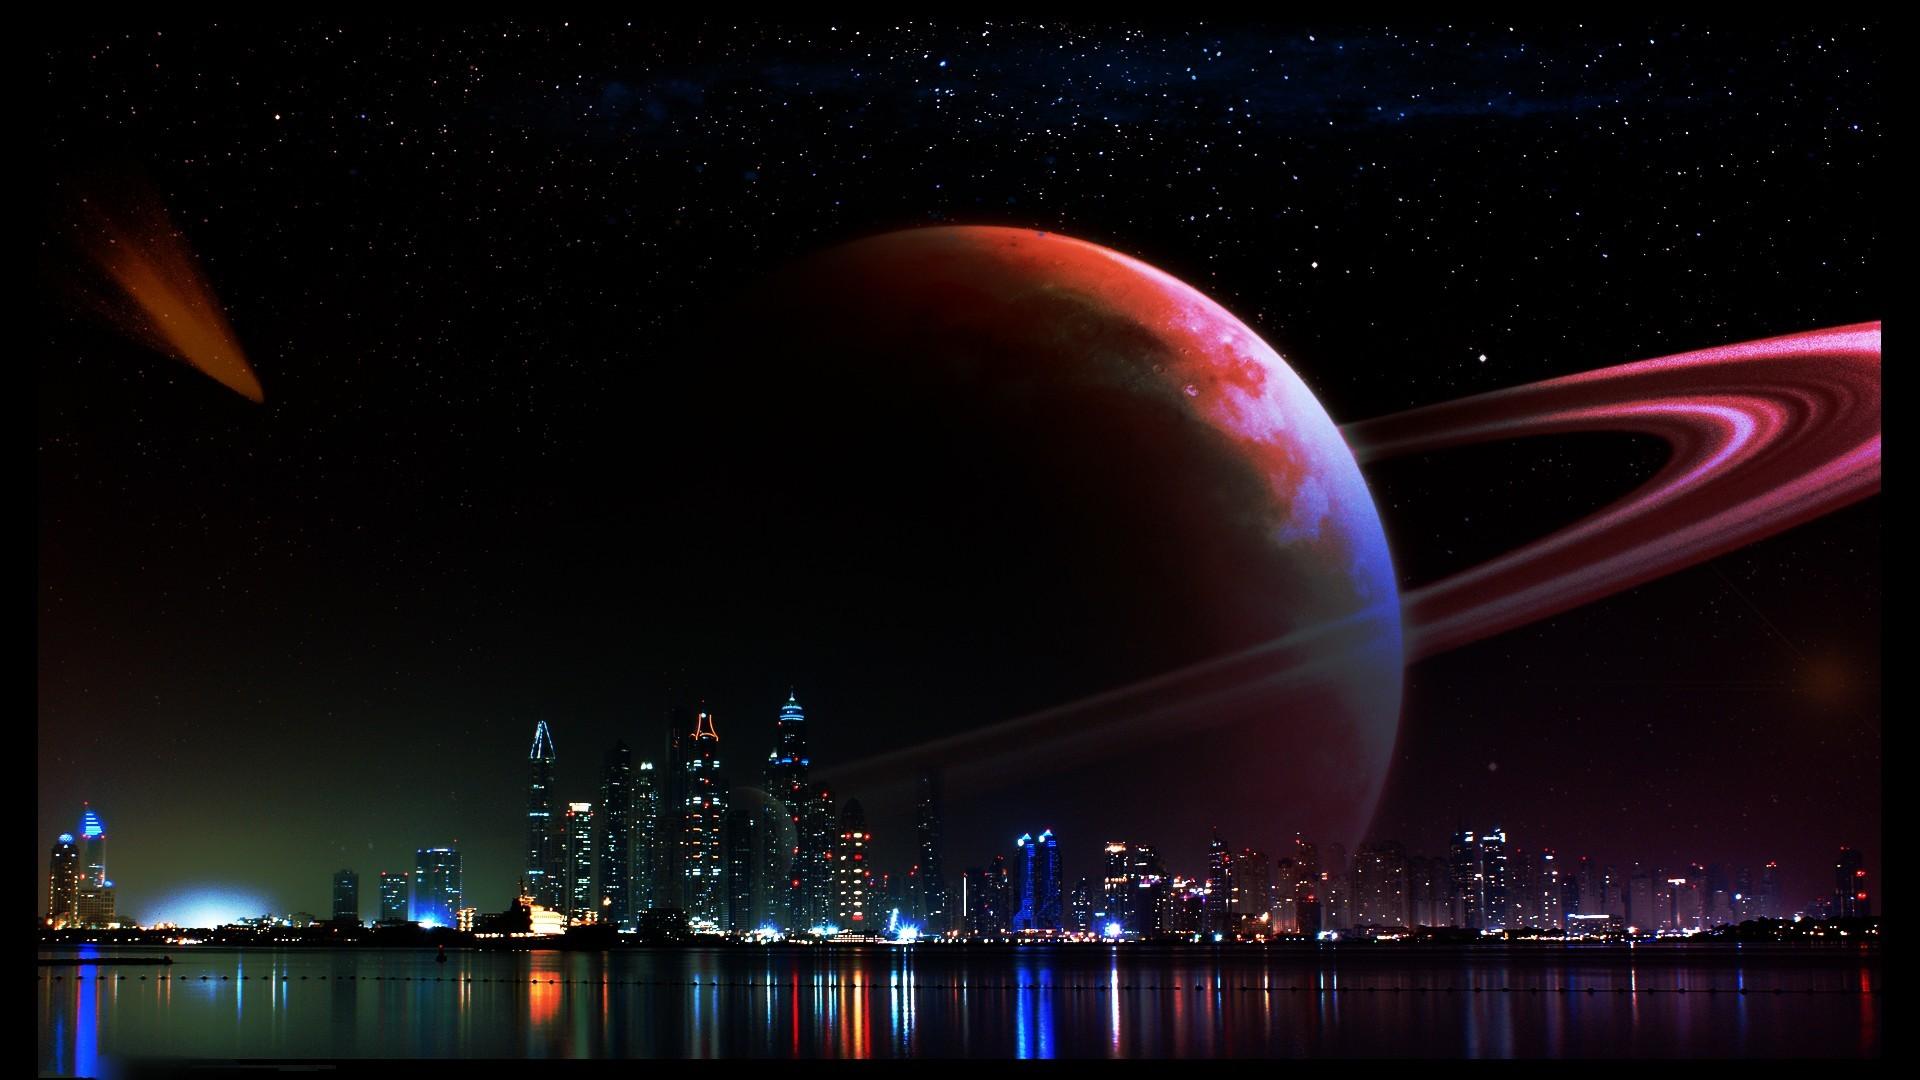 Обои огненная планета картинки на рабочий стол на тему Космос - скачать  № 433842 загрузить